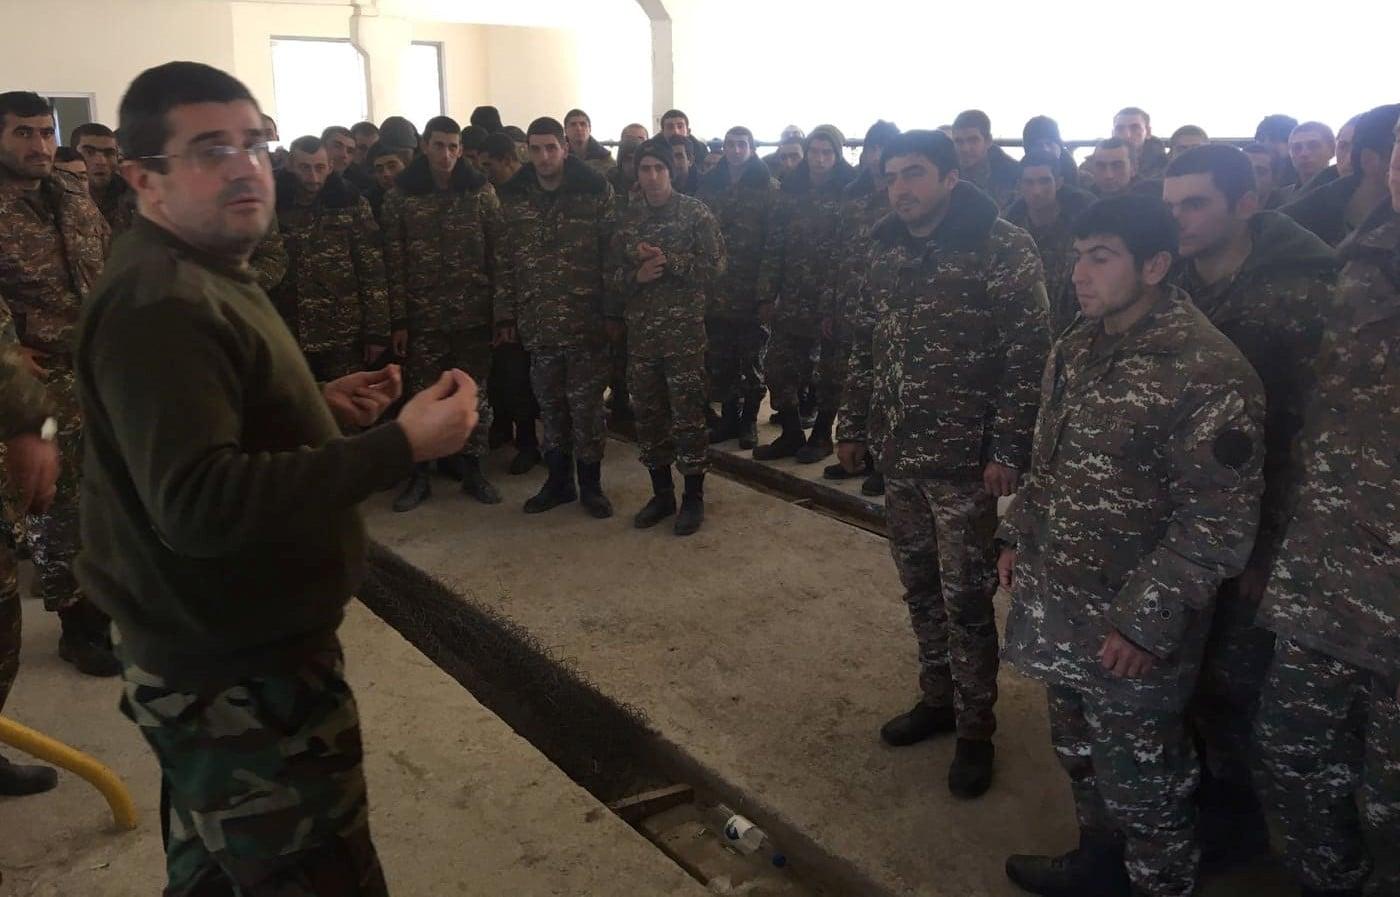 Photo of Մեր երկրի անվտանգության համակարգի պատասխանատուների մասնակցությամբ հերթական հանդիպումն եմ ունեցել աշխարհազորի մարտիկների հետ. Արցախի նախագահ